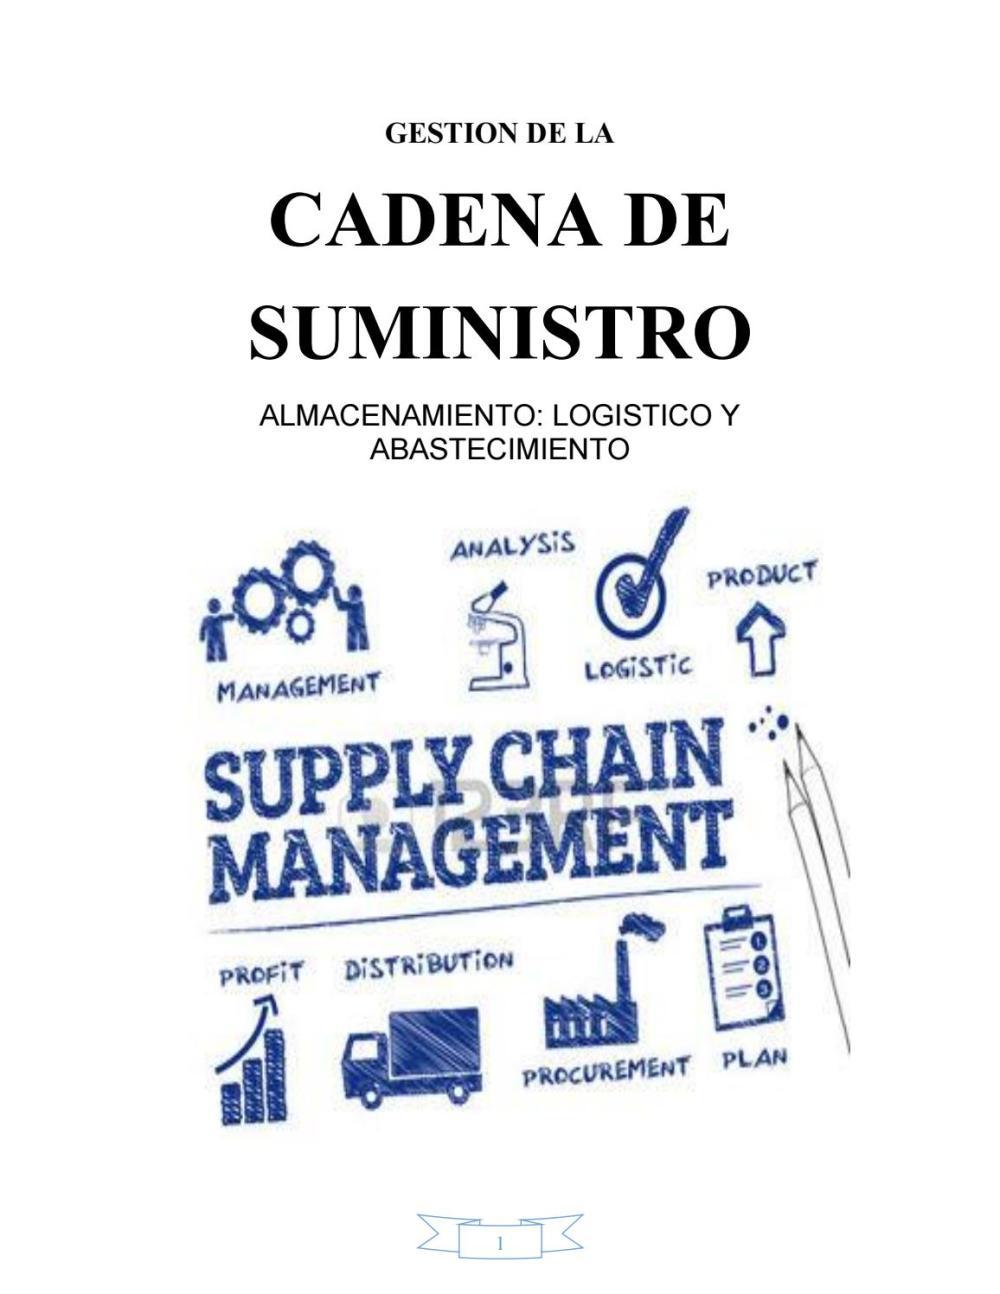 medium resolution of planeacion de requerimientos de distribucion de cadena de suministros y almacen by argenis manuel issuu